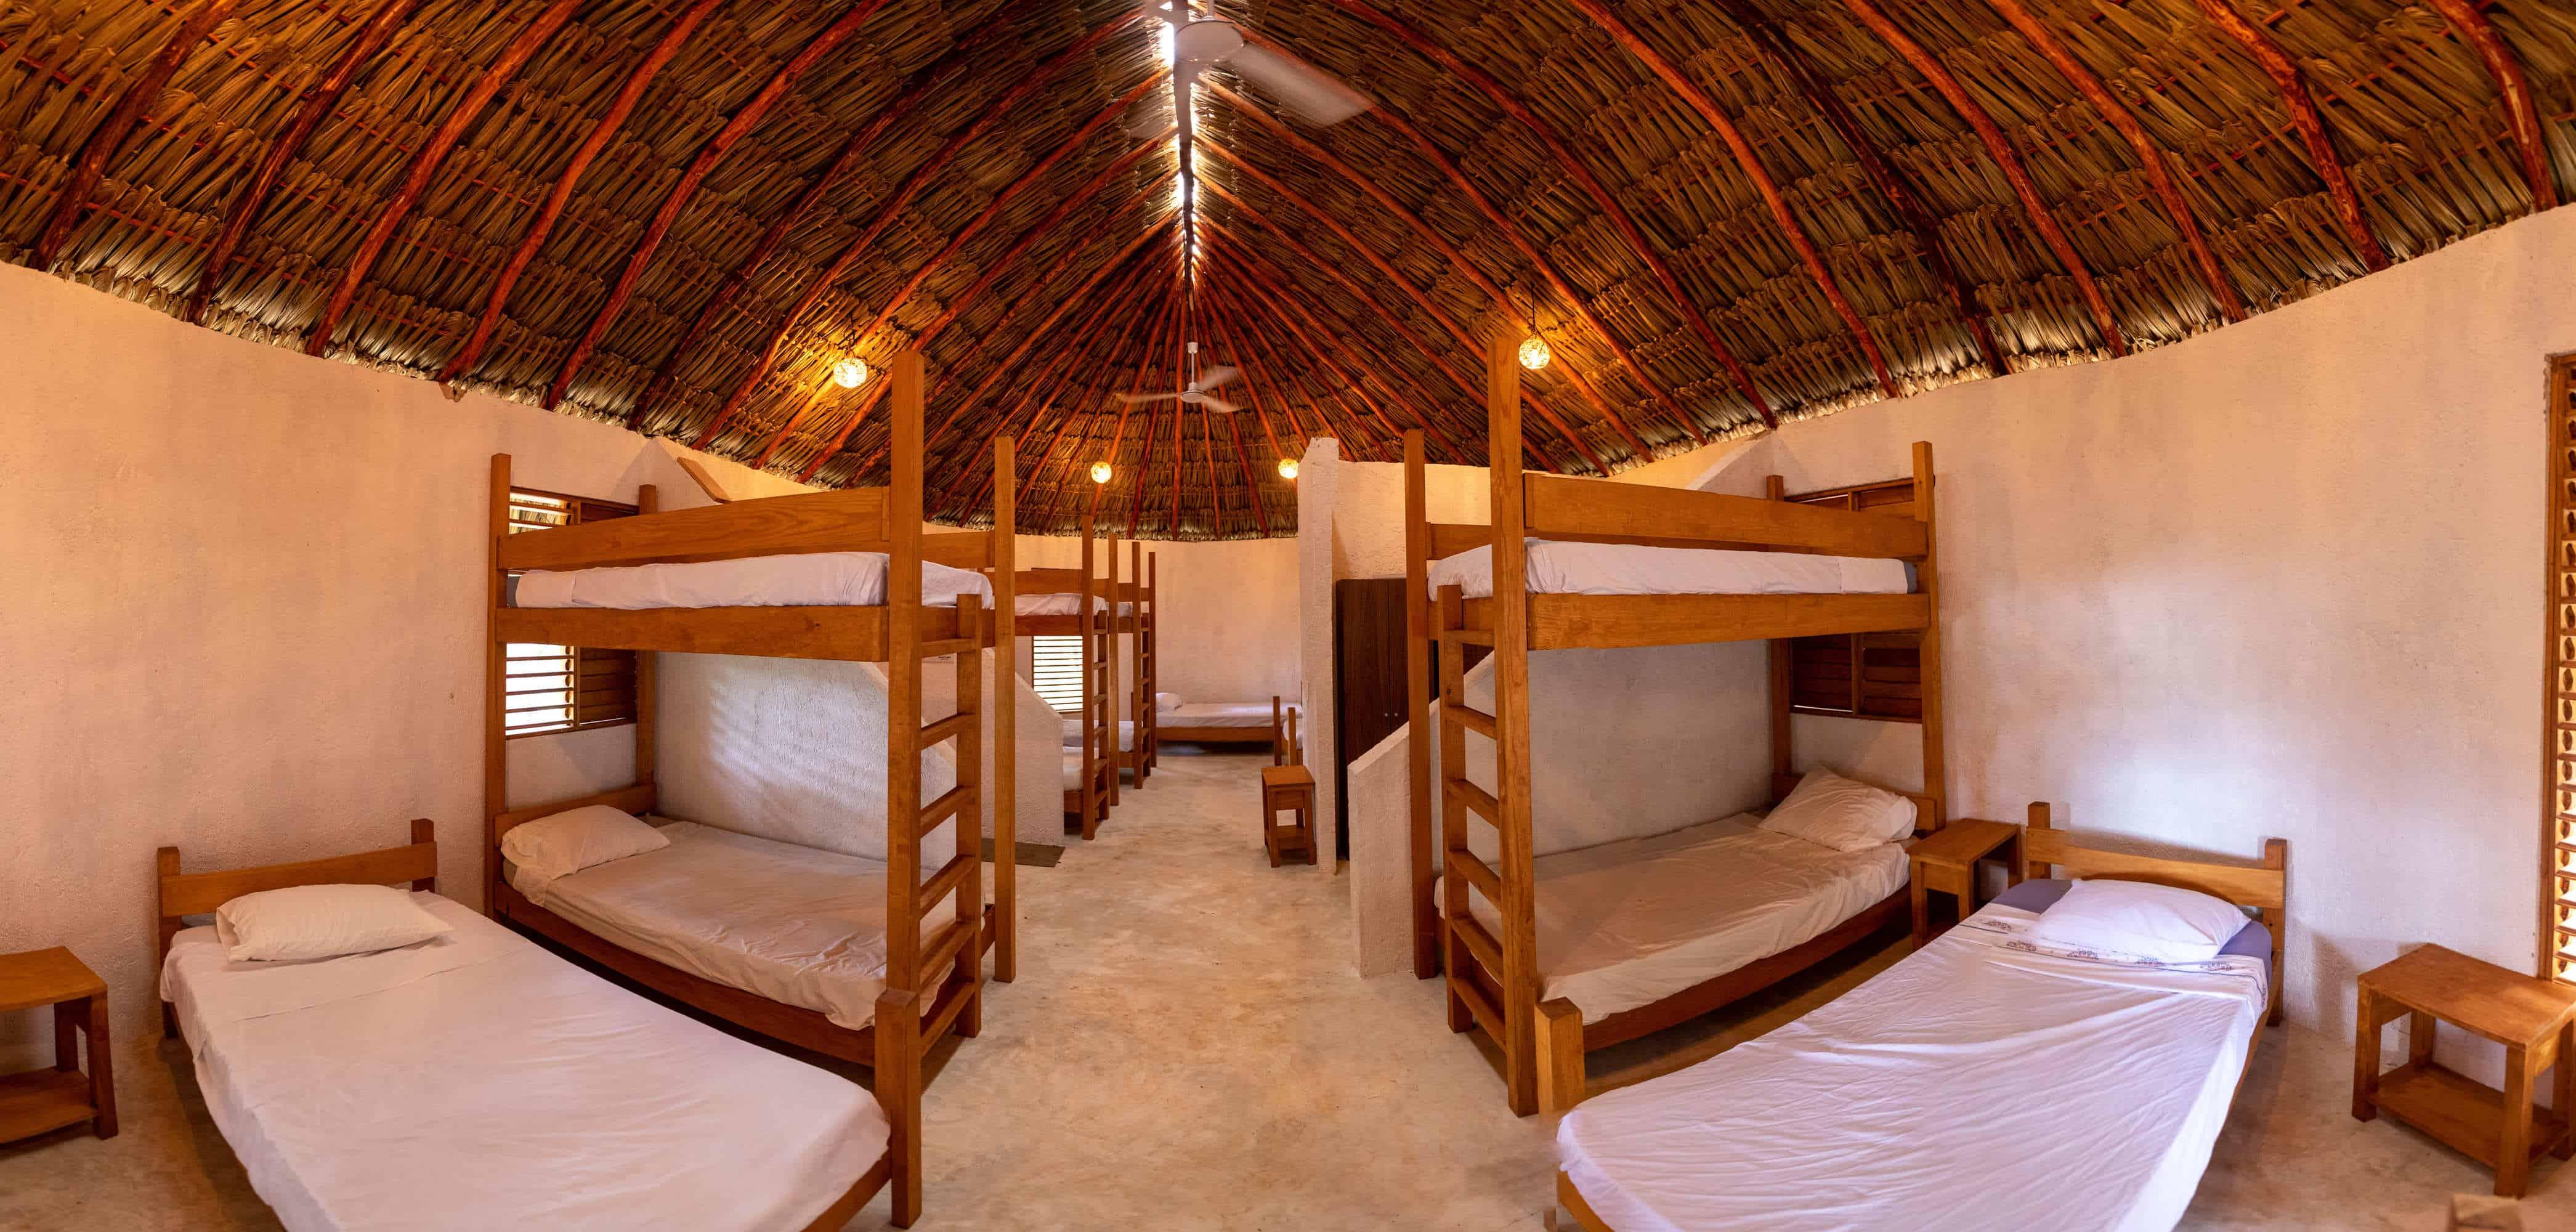 Imagen 3 Nativecamp Kambul Scaled